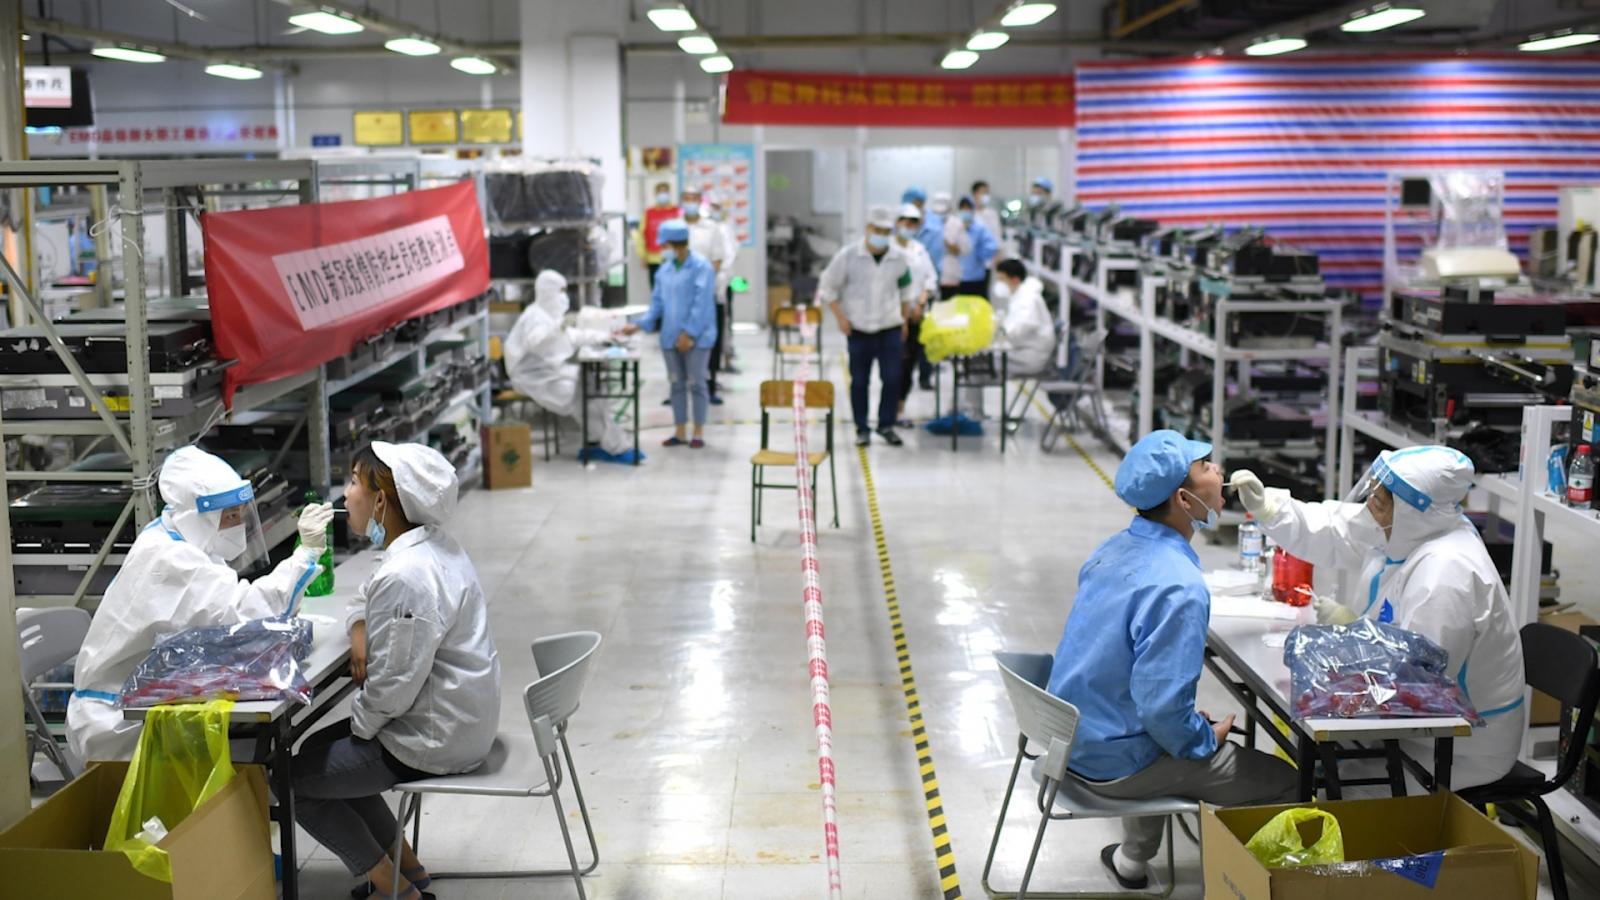 Trung Quốc kỷluật thêm 20 quan chức, bắt giam giáo viên đề nghị sống chung với Covid-19